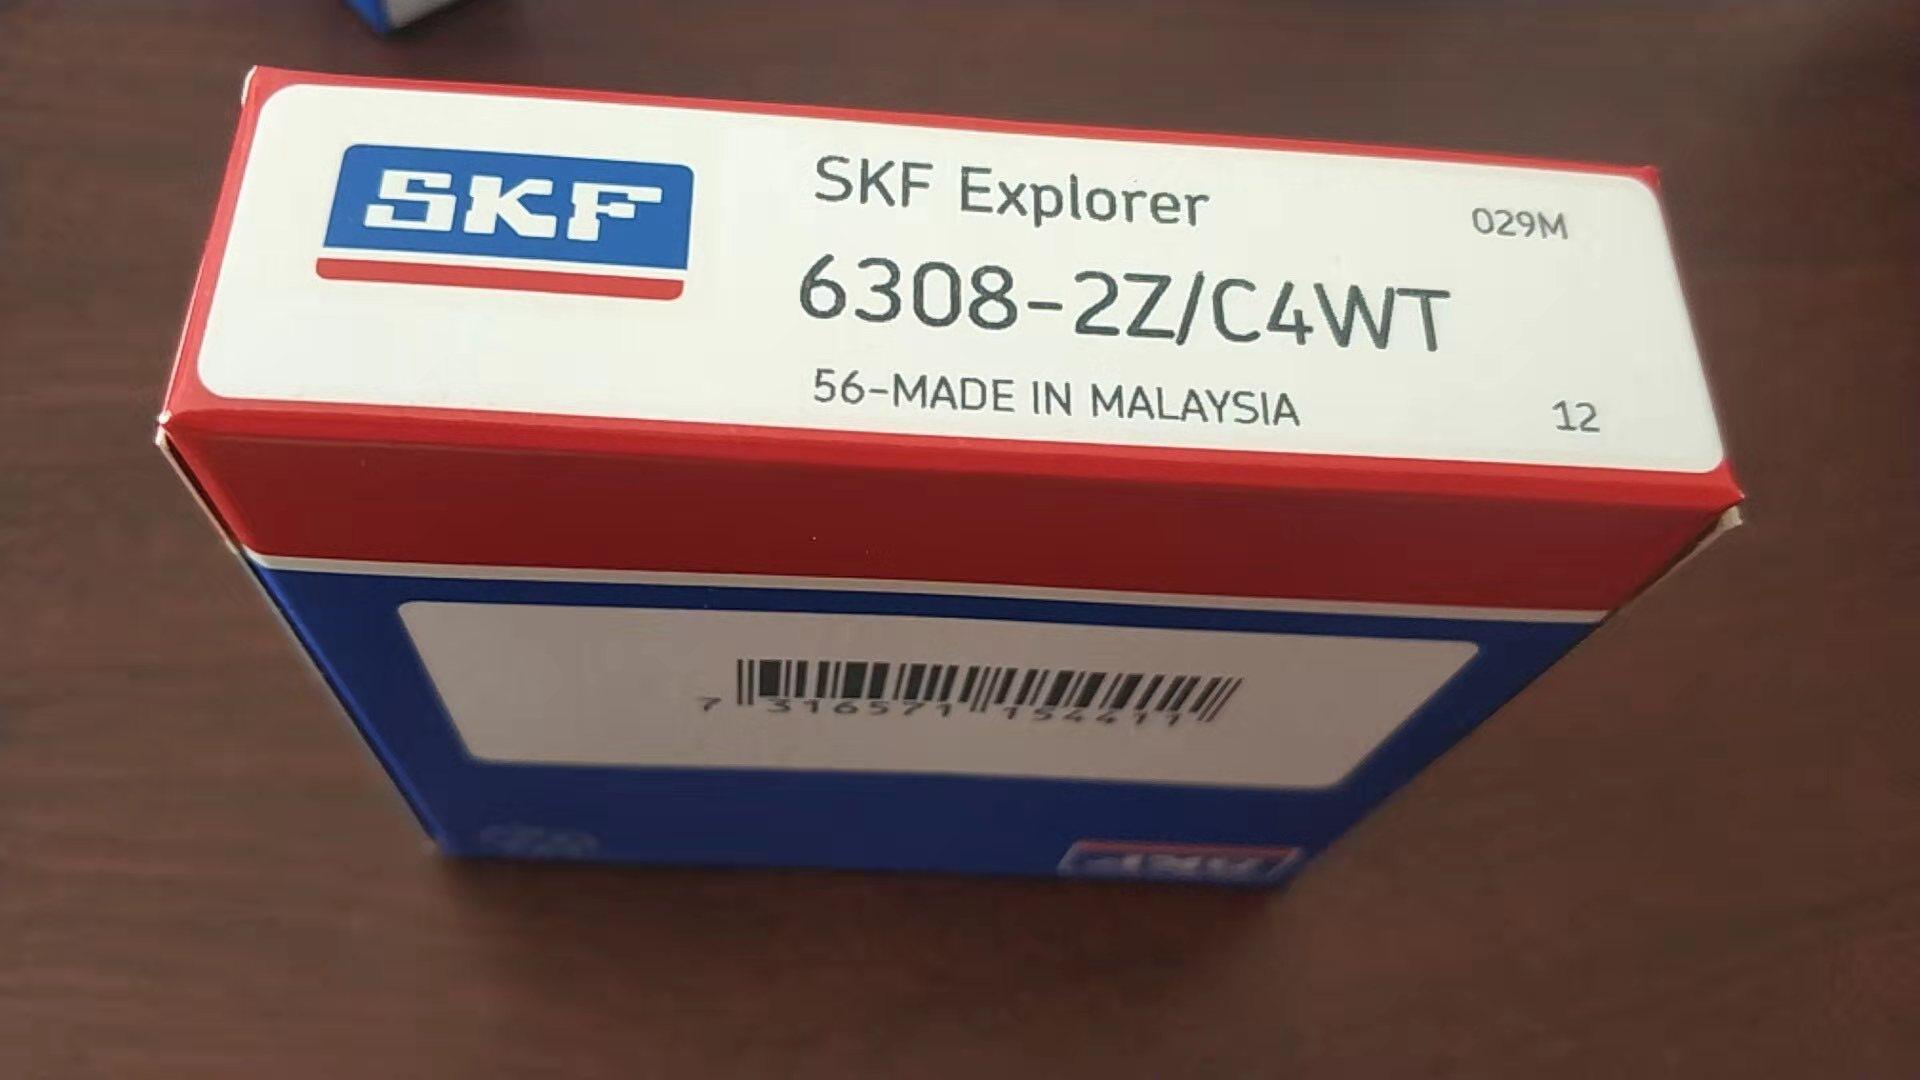 SKF    6308-2Z/C4WT